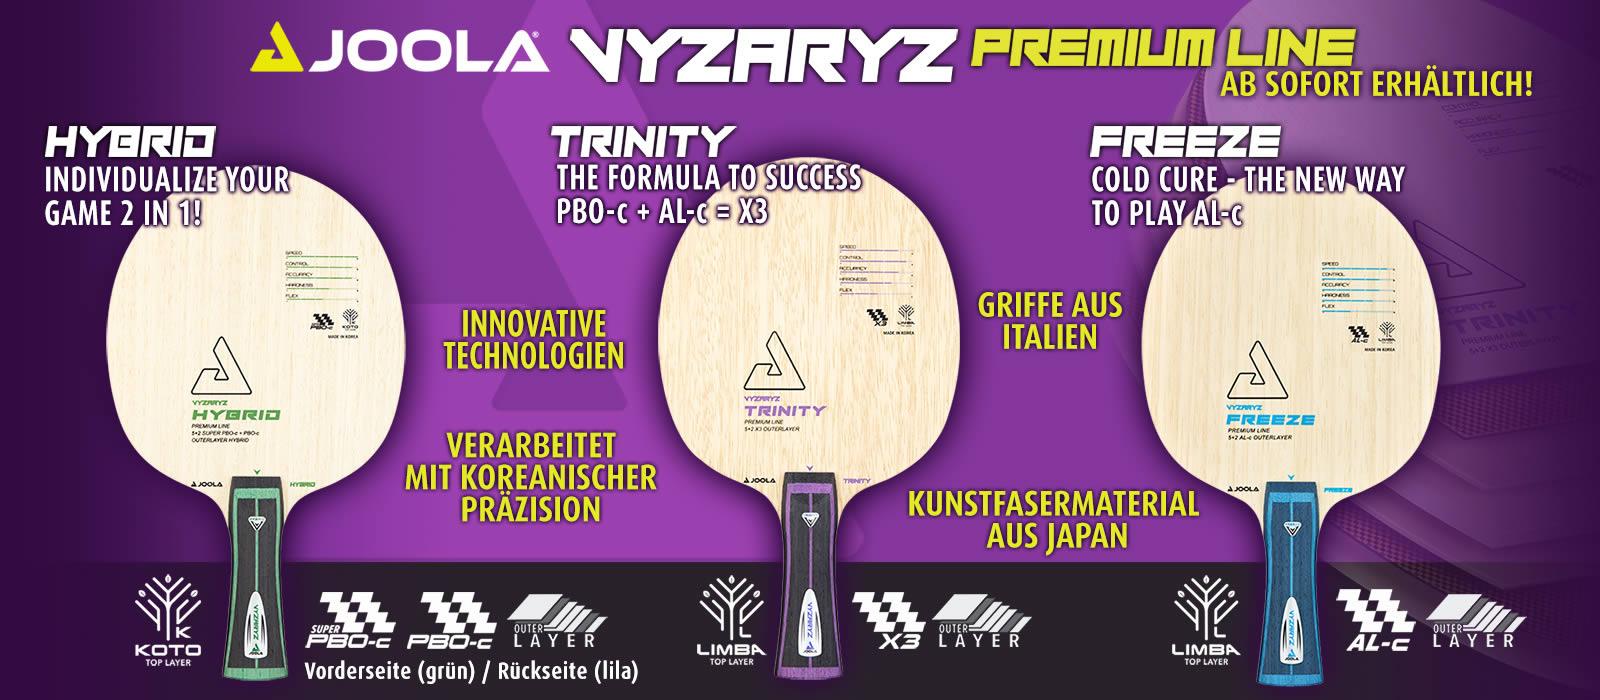 Joola Vyzaryz Holz-Serie